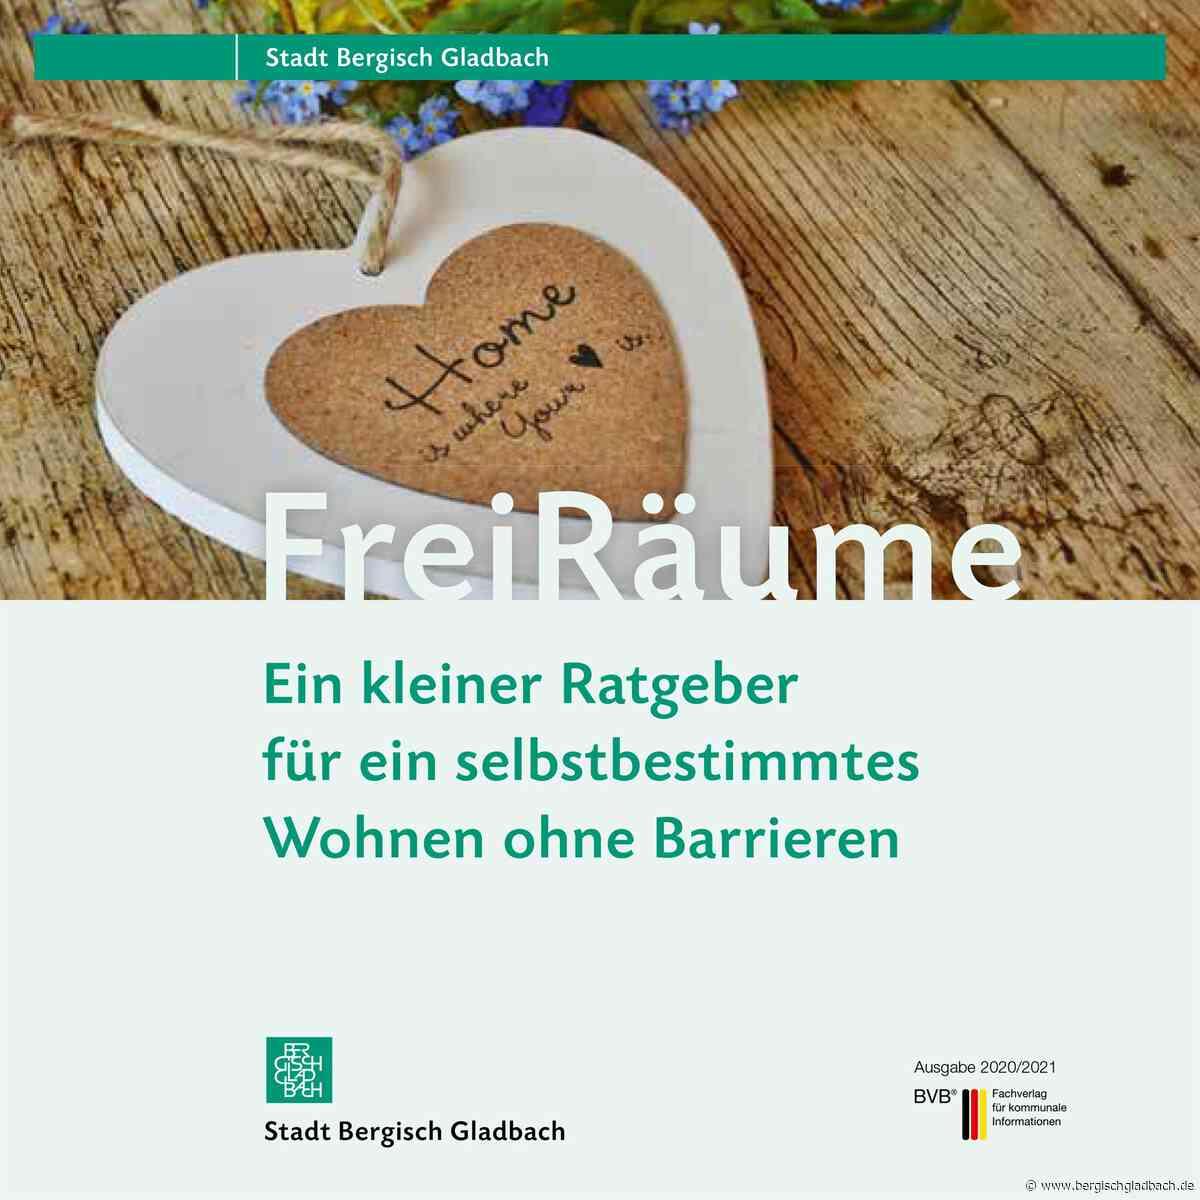 """Neue Broschüre für Bergisch Gladbach: """"FreiRäume – Ein kleiner Ratgeber für ein selbstbestimmtes Wohnen ohne Barrieren"""""""